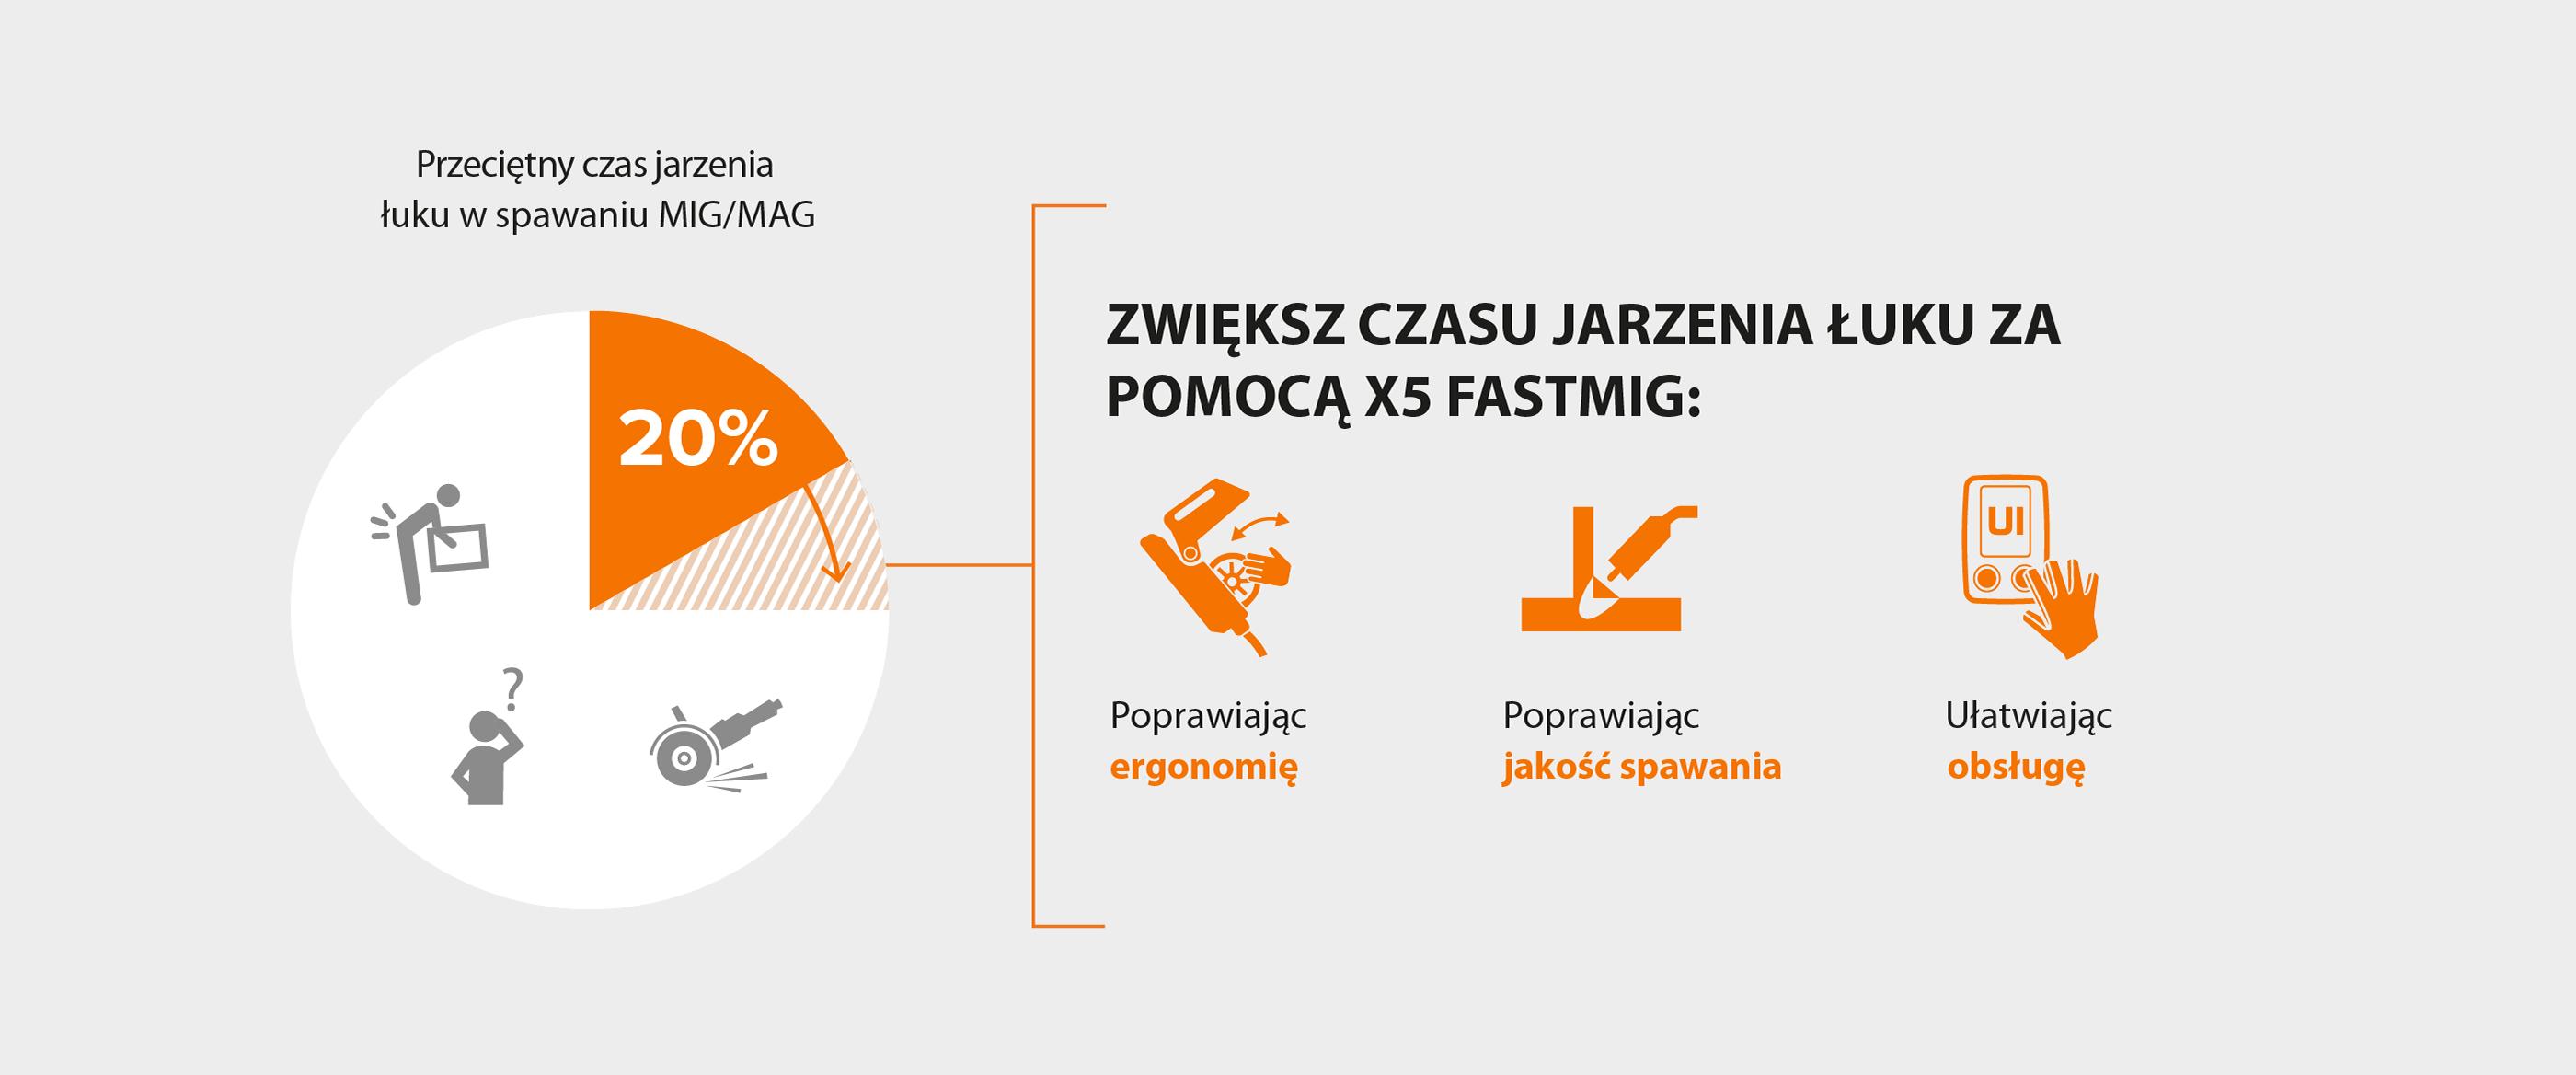 Jak zwiększyć współczynnik czasu jarzenia za pomocą systemu X5 FastMig